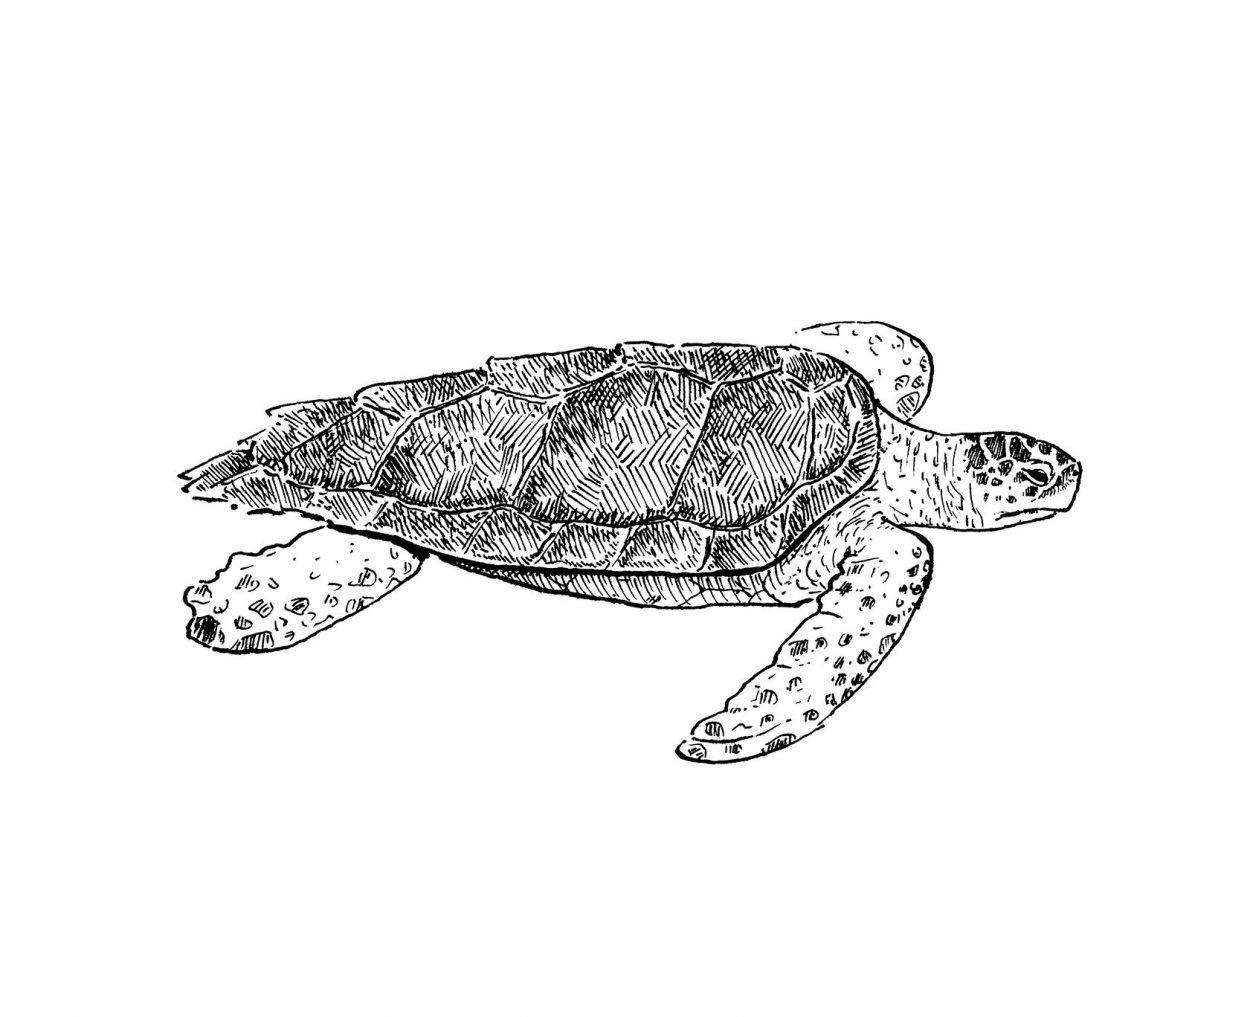 Ilustración en blanco y negro de la tortuga boba del mediterrano. Tinta sobre papel. Dibujos naturaleza y animales marinos